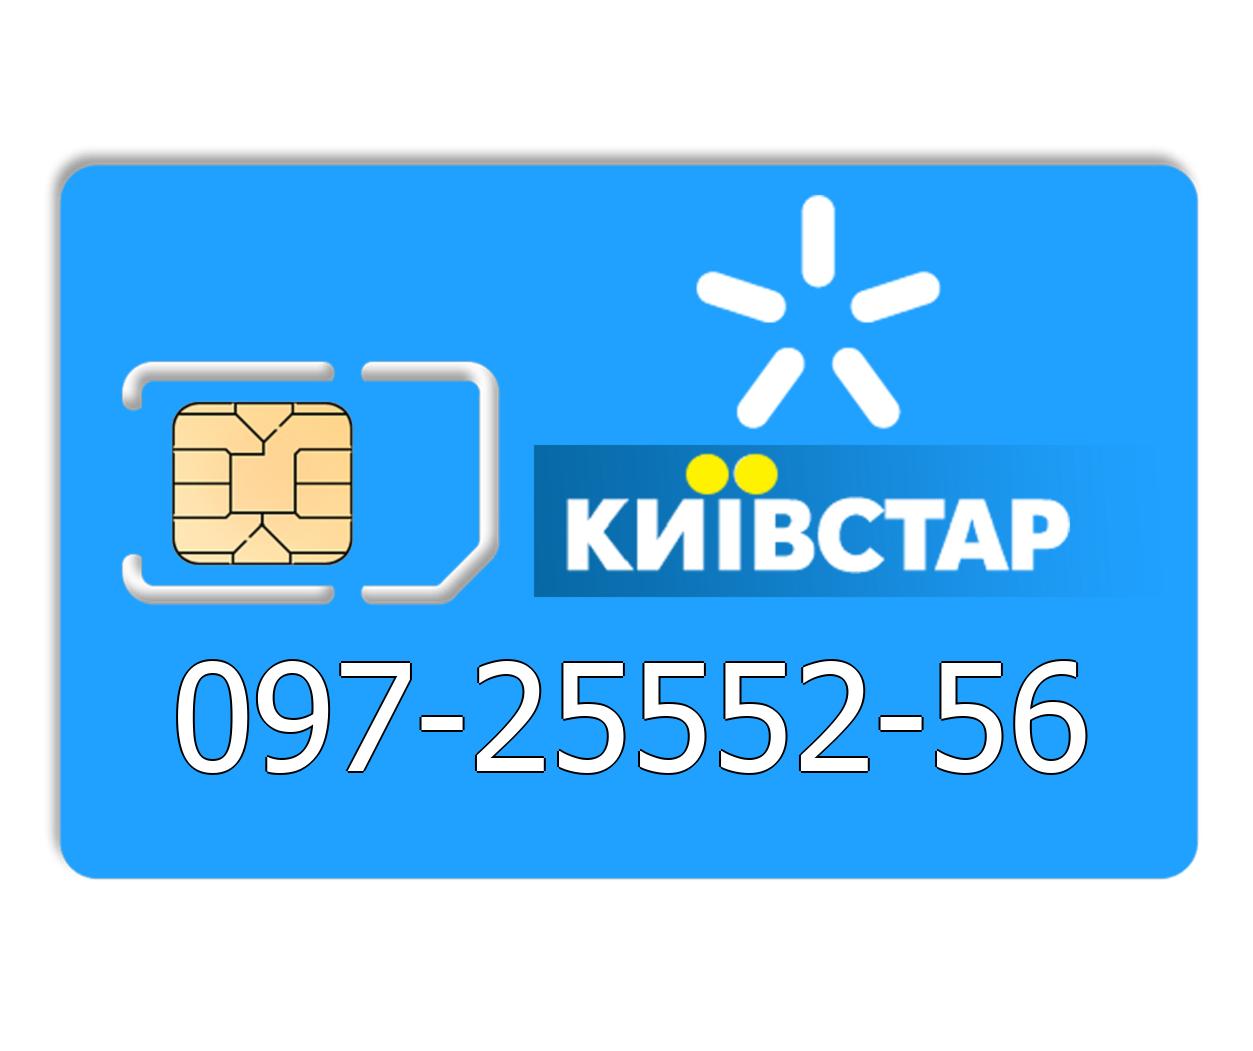 Красивый номер Киевстар 097-25552-56